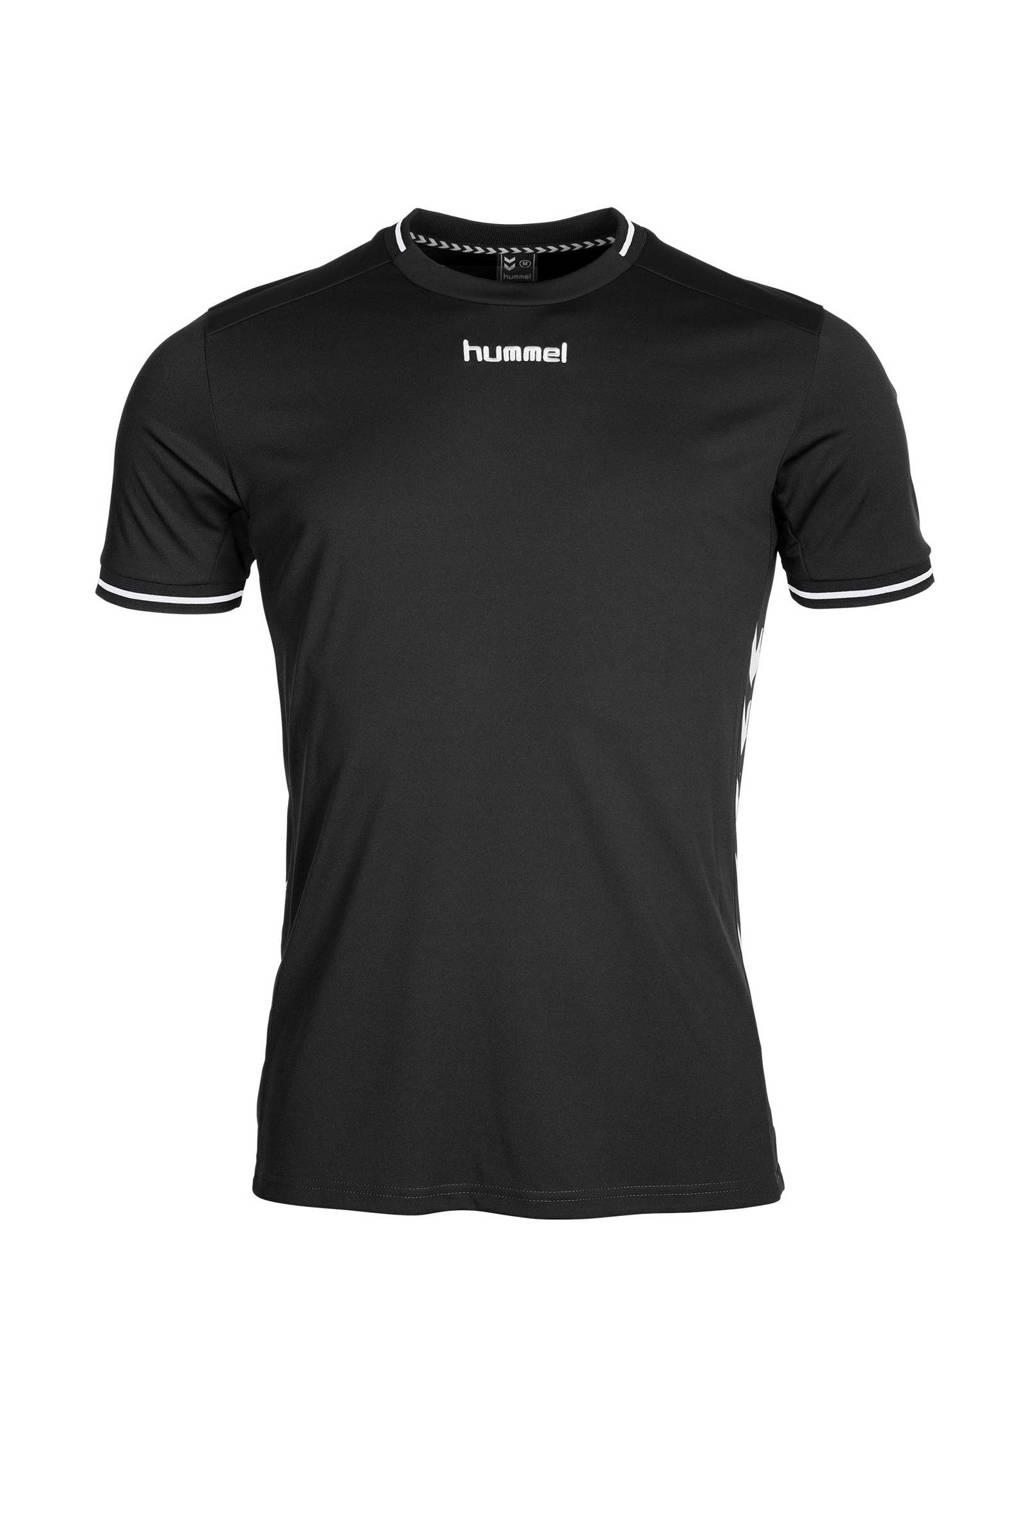 hummel Junior  sport T-shirt, Zwart/wit